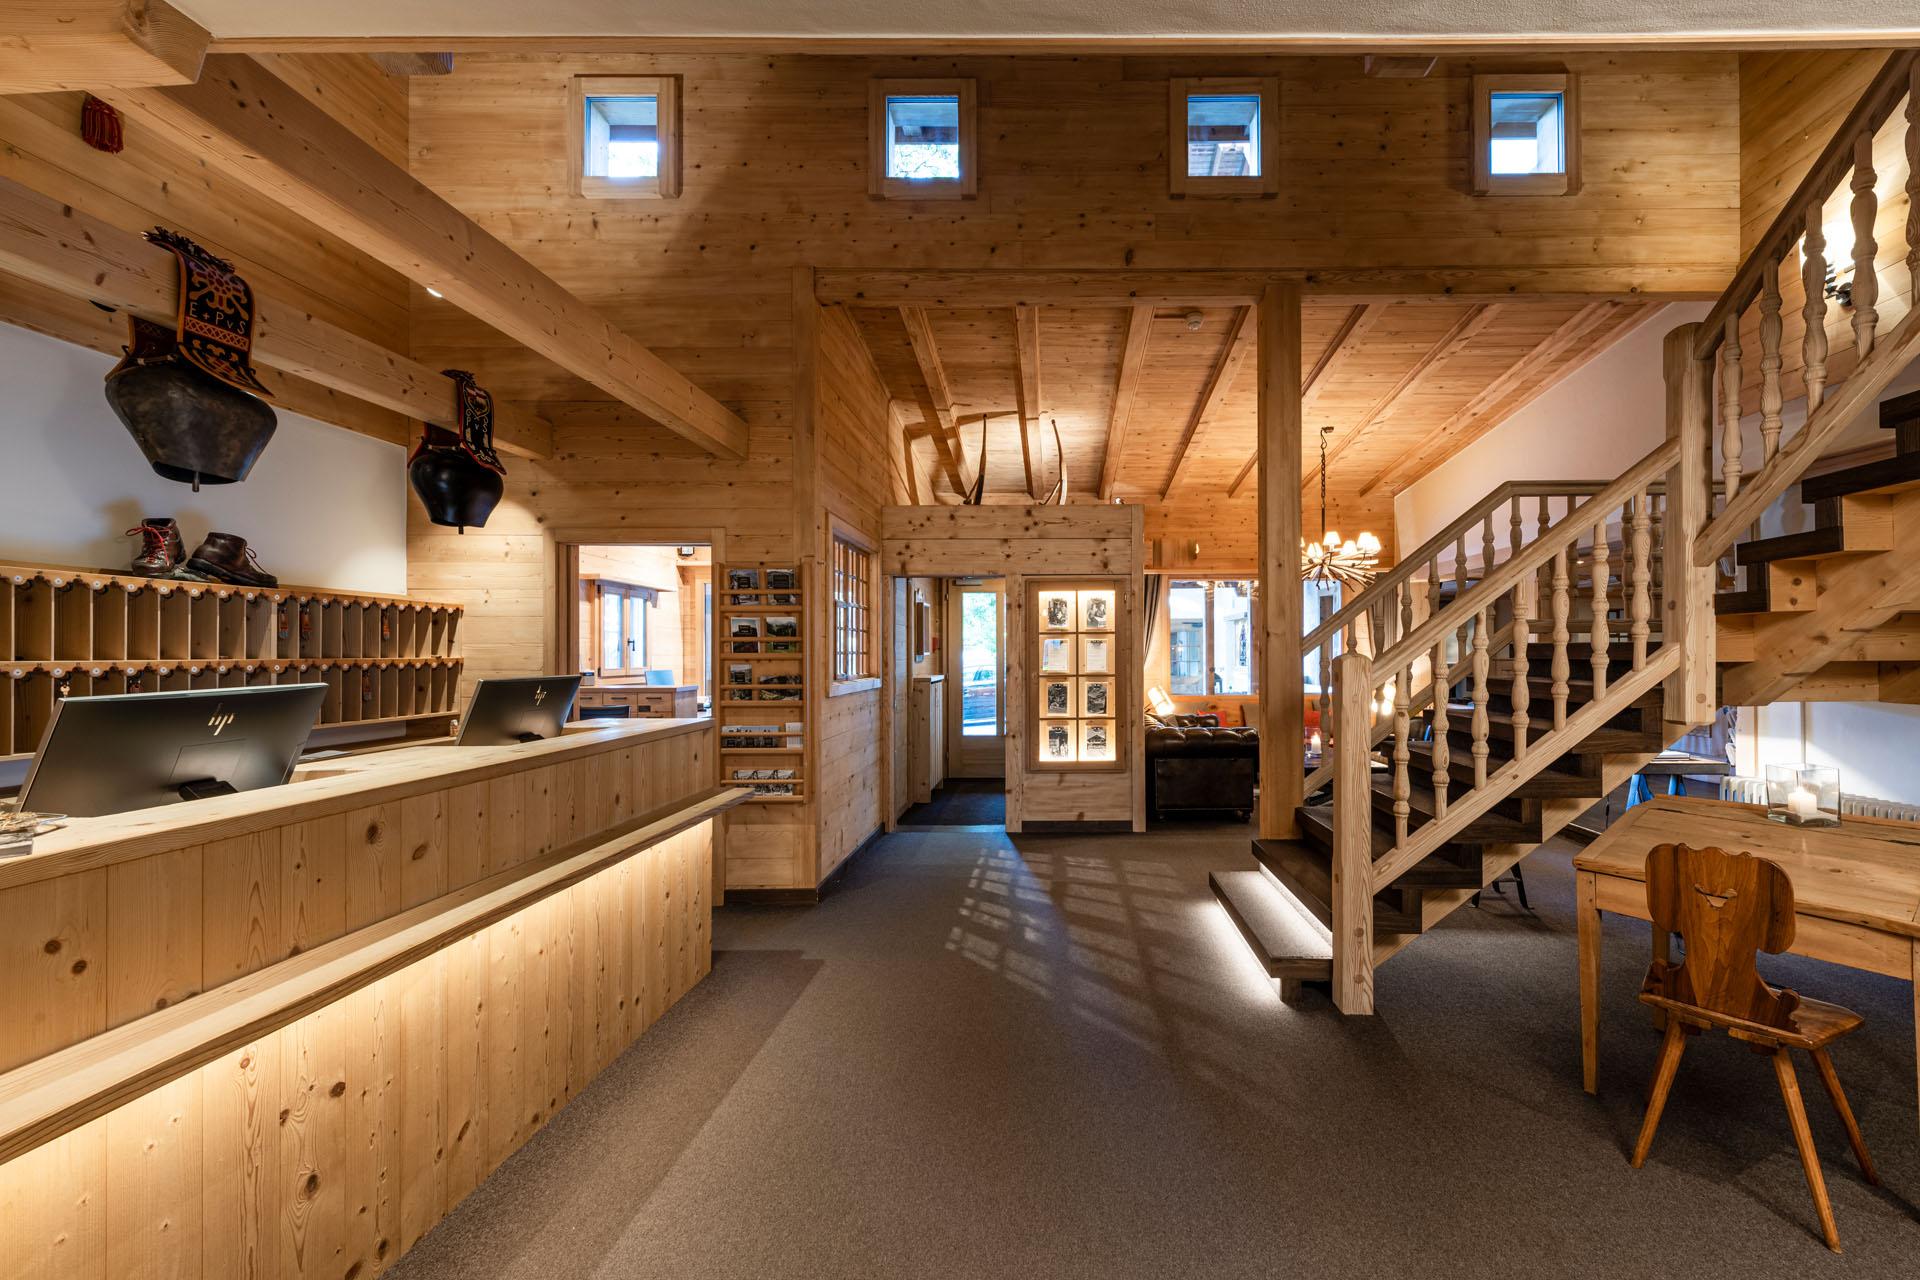 https://fsw-kreatektur.ch/wp-content/uploads/Fsw-Kreatektur-Architektur-Umbau-Hotel-Hornberg-Saanenmoeser-Lobby.jpg